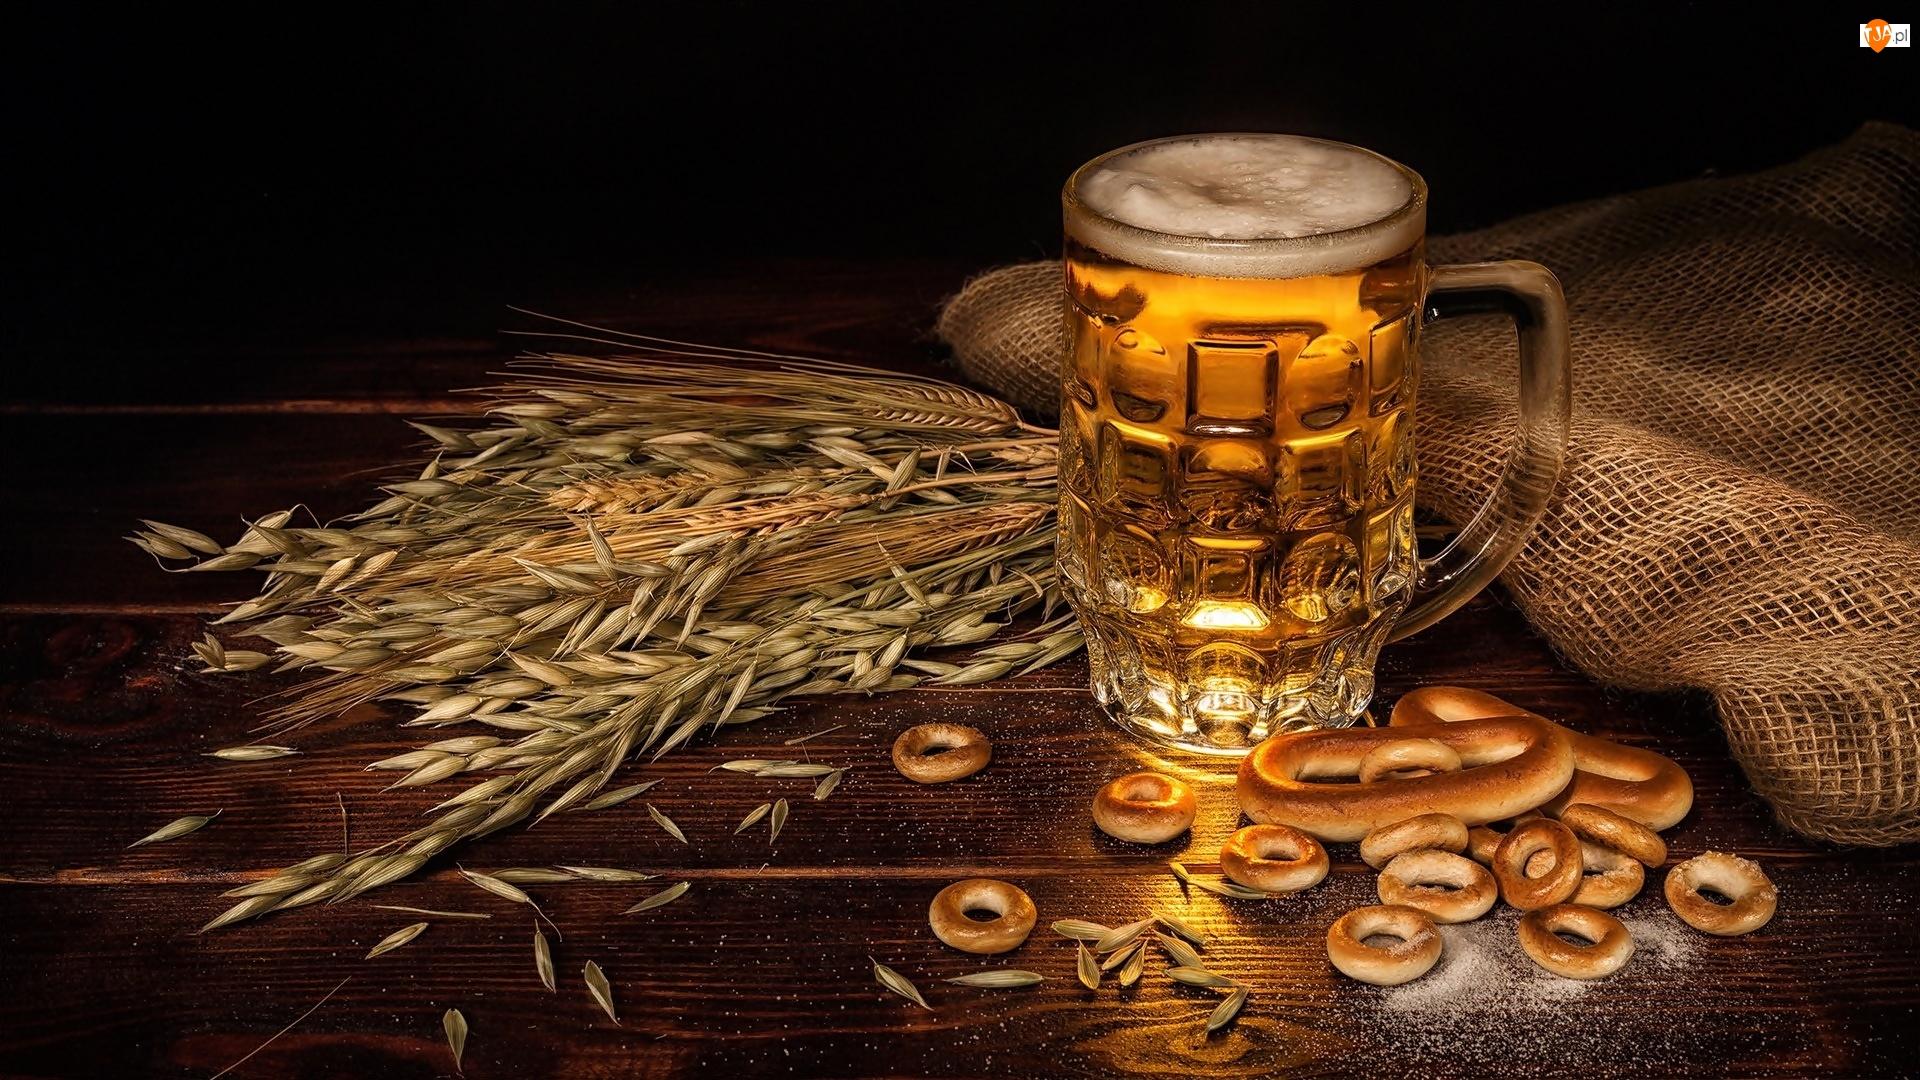 Kłosy, Piwo, Precelki, Zboże